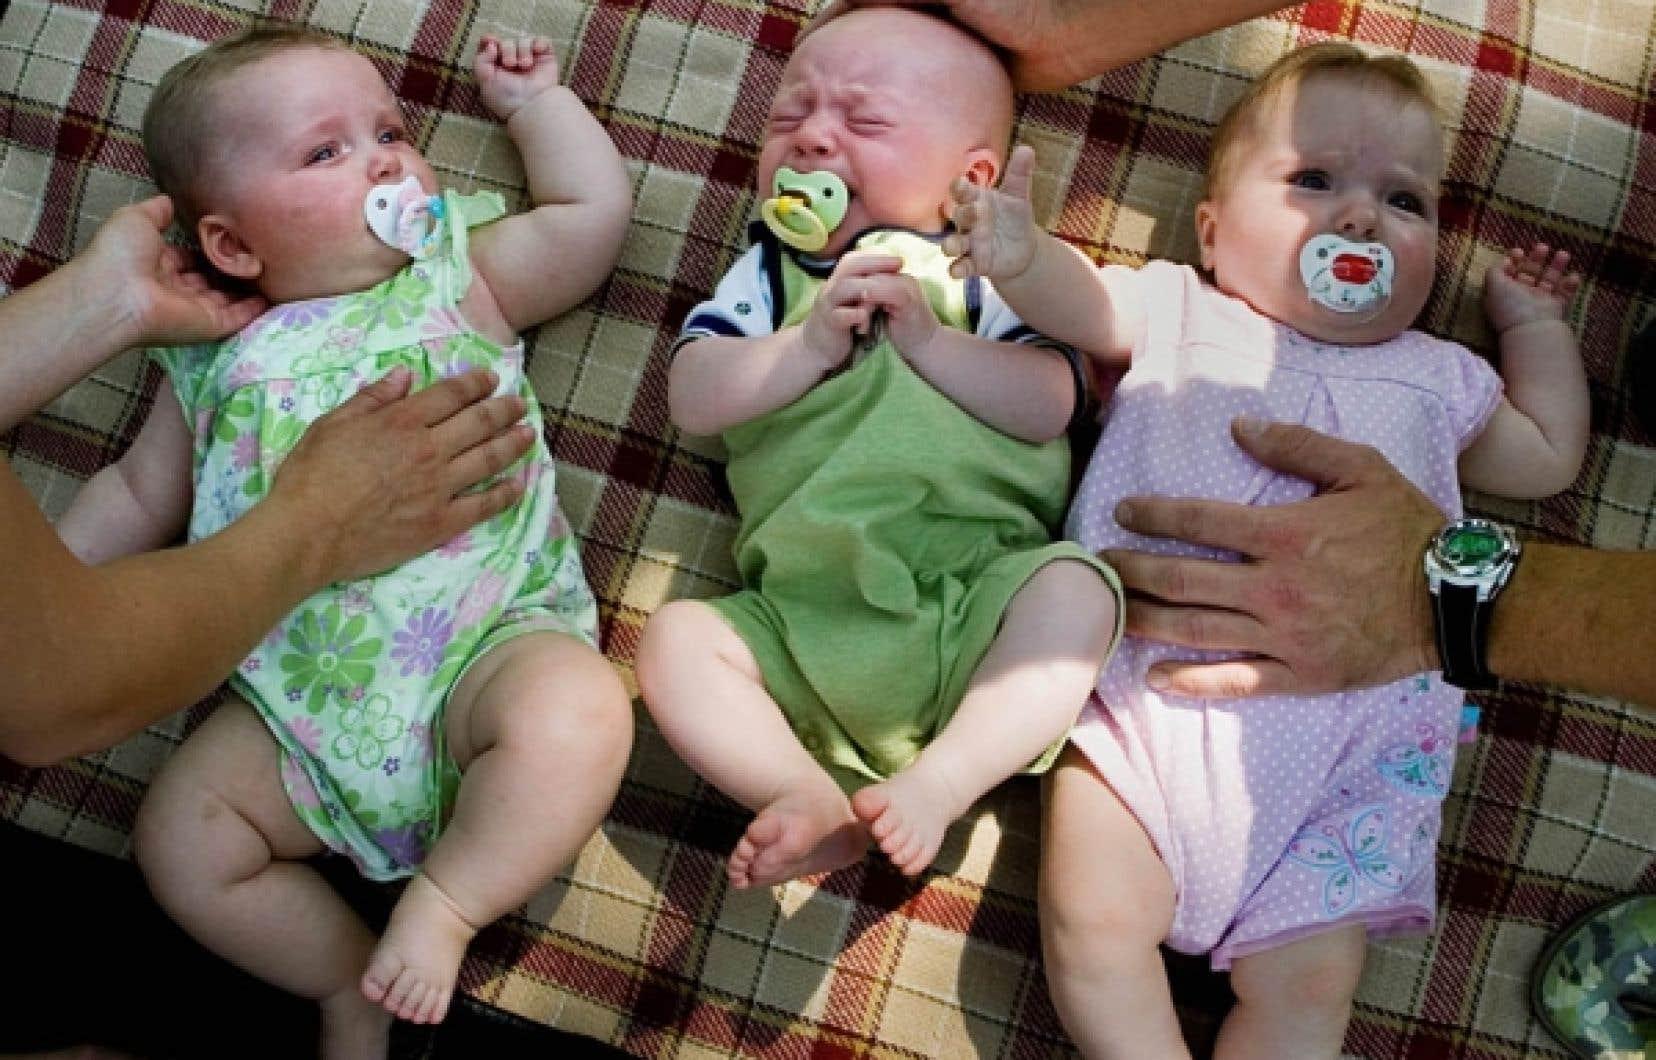 Au Québec, 6 bébés à terme sur 1000 naissent avec une surdité. «Quand on arrive à [les] dépister et à intervenir avant six mois, les enfants se développent pratiquement sans différence, explique l'audiologiste Tony Leroux. Si on les dépiste plus tard, il y aura un retard de développement du langage et un retard cognitif qu'ils ne vont presque jamais pouvoir rattraper.»